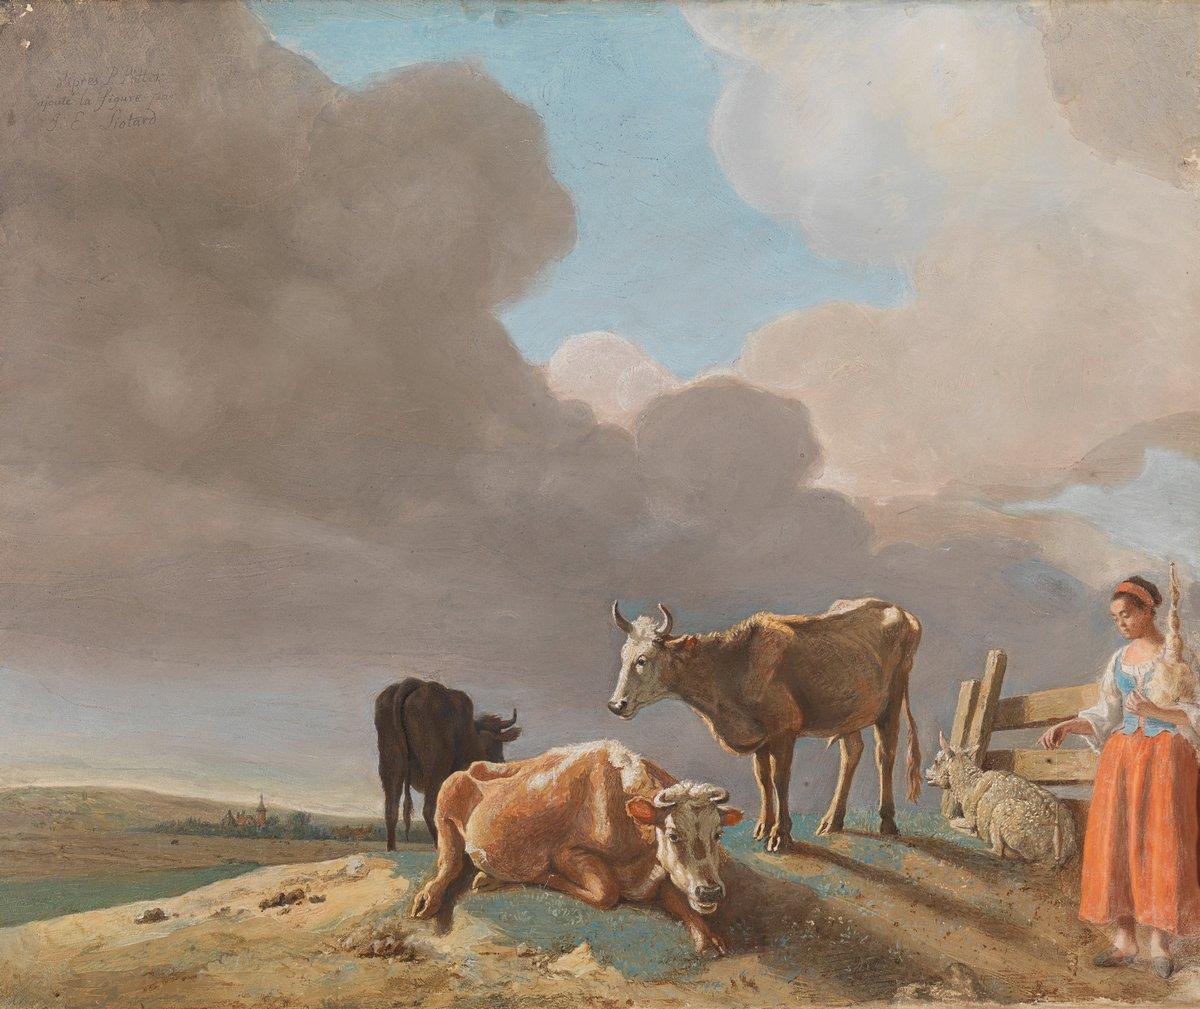 Картины пастелью, картина Лиотар Жан-Этьен «Пейзаж с коровами, овцами и пастушка»Картины пастелью<br>Репродукция на холсте или бумаге. Любого нужного вам размера. В раме или без. Подвес в комплекте. Трехслойная надежная упаковка. Доставим в любую точку России. Вам осталось только повесить картину на стену!<br>